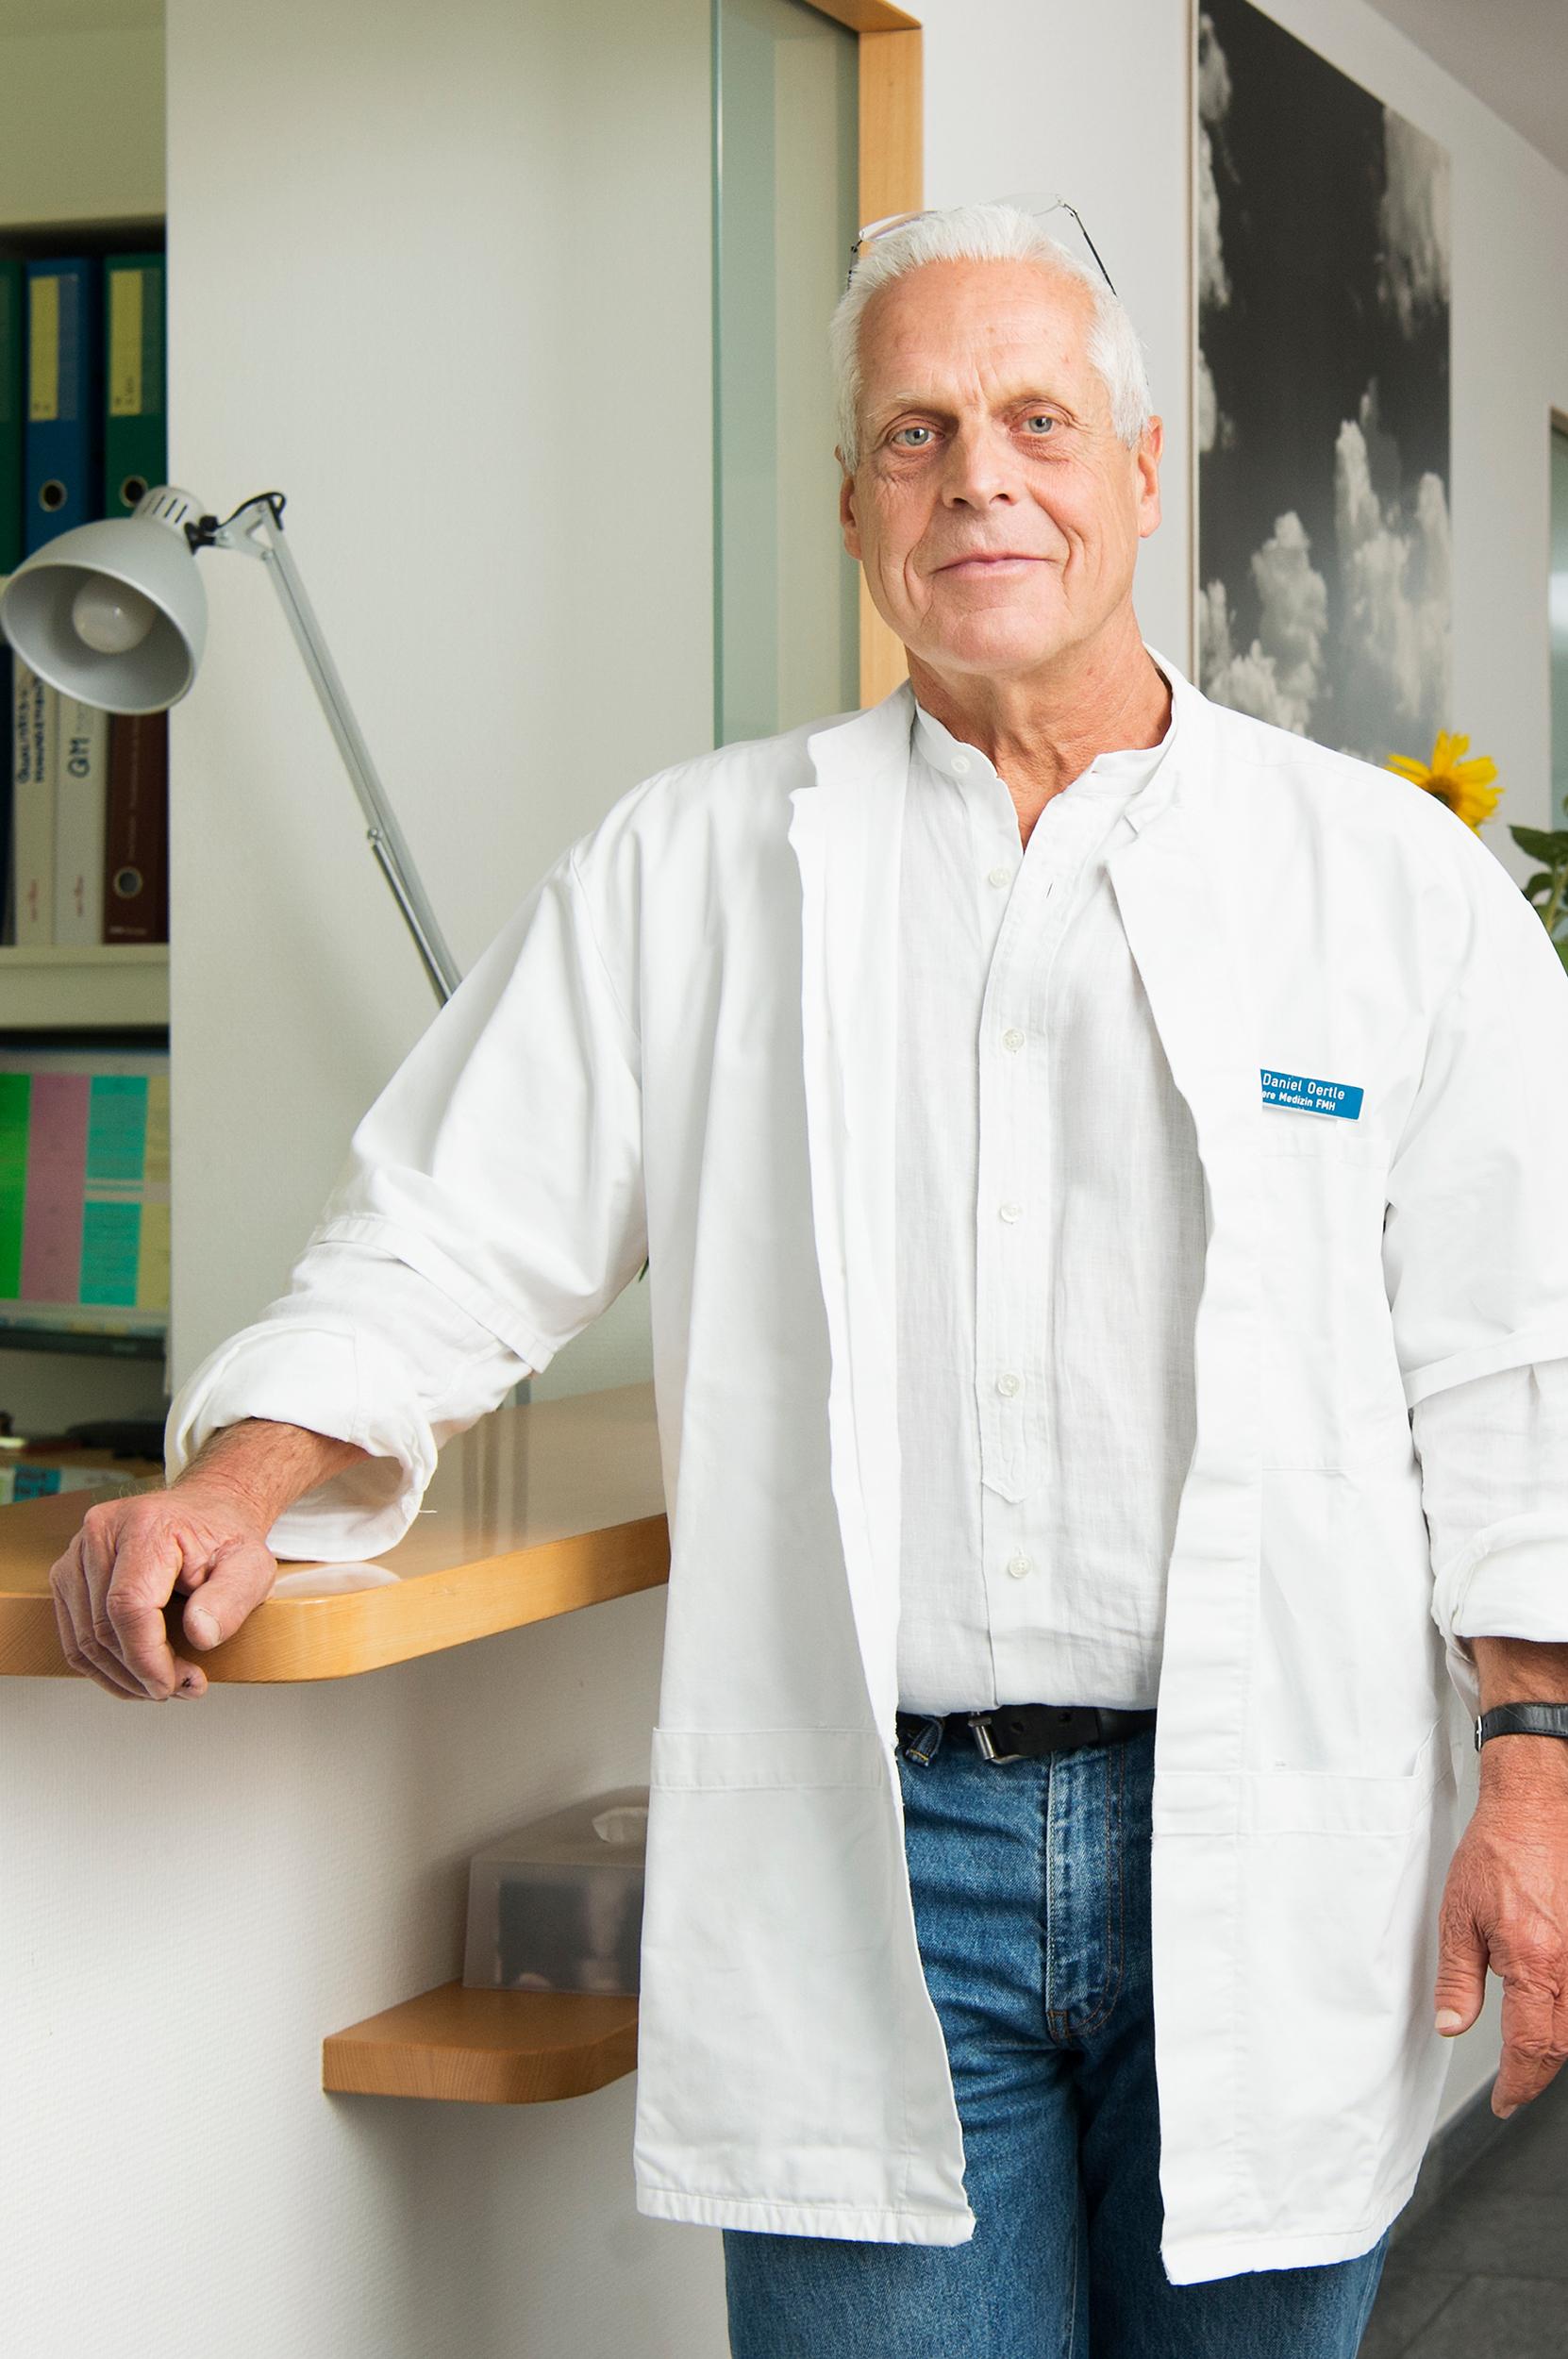 Dr. Daniel Oertle